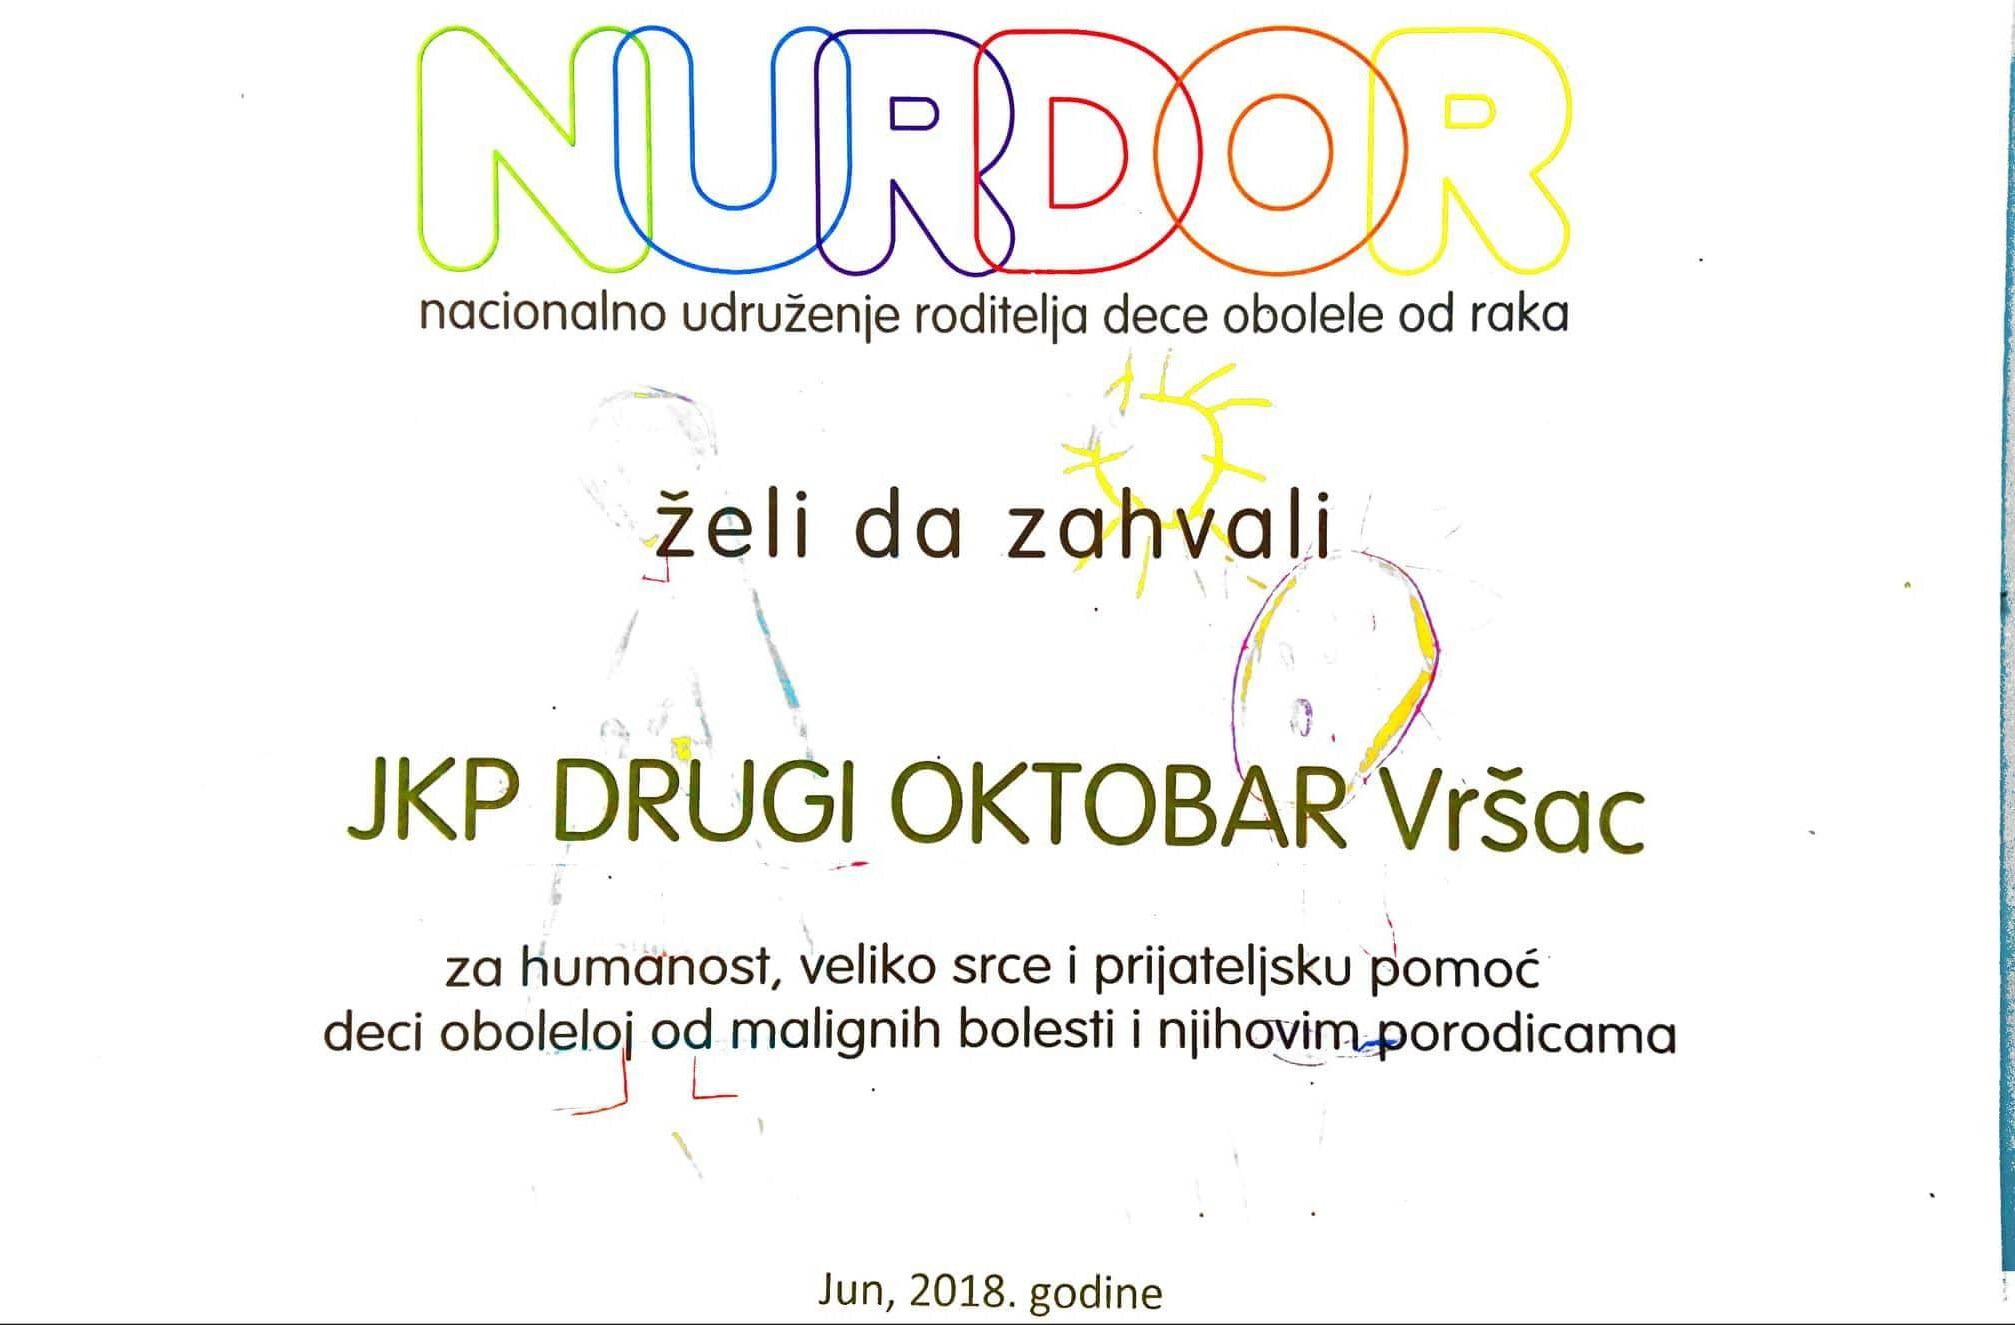 Захвалница ЈКП Субнор